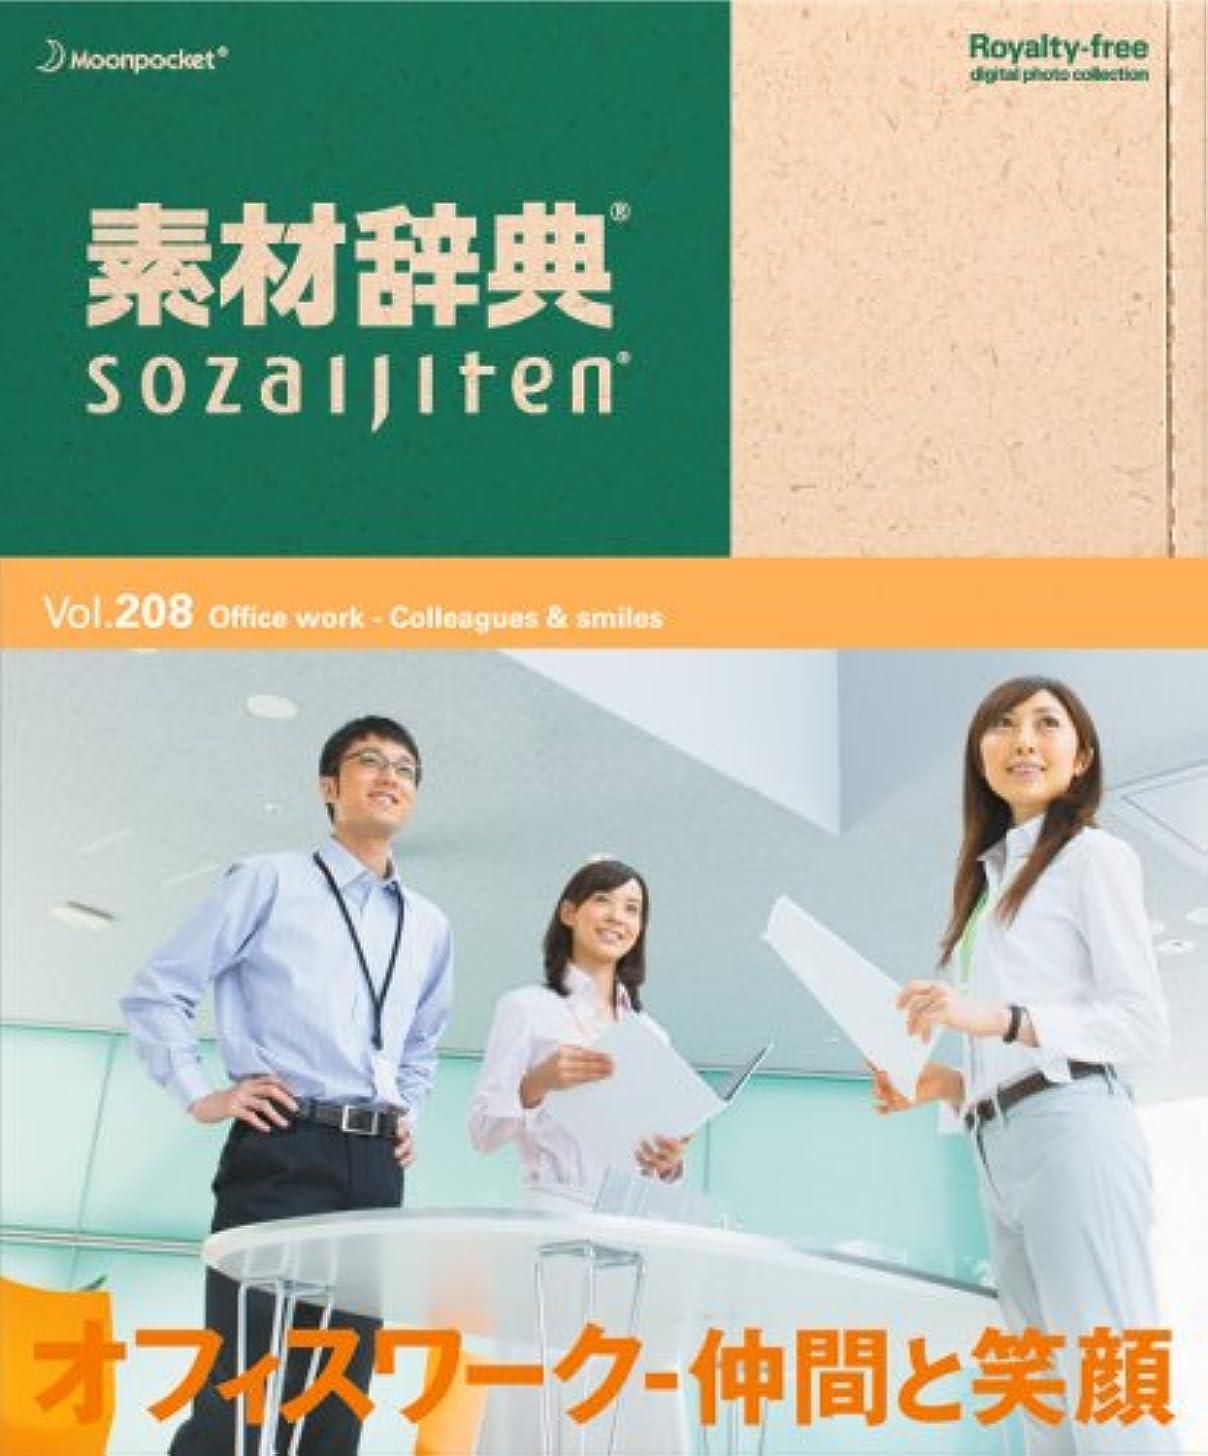 上アッパー属する素材辞典 Vol.208 オフィスワーク~仲間と笑顔編